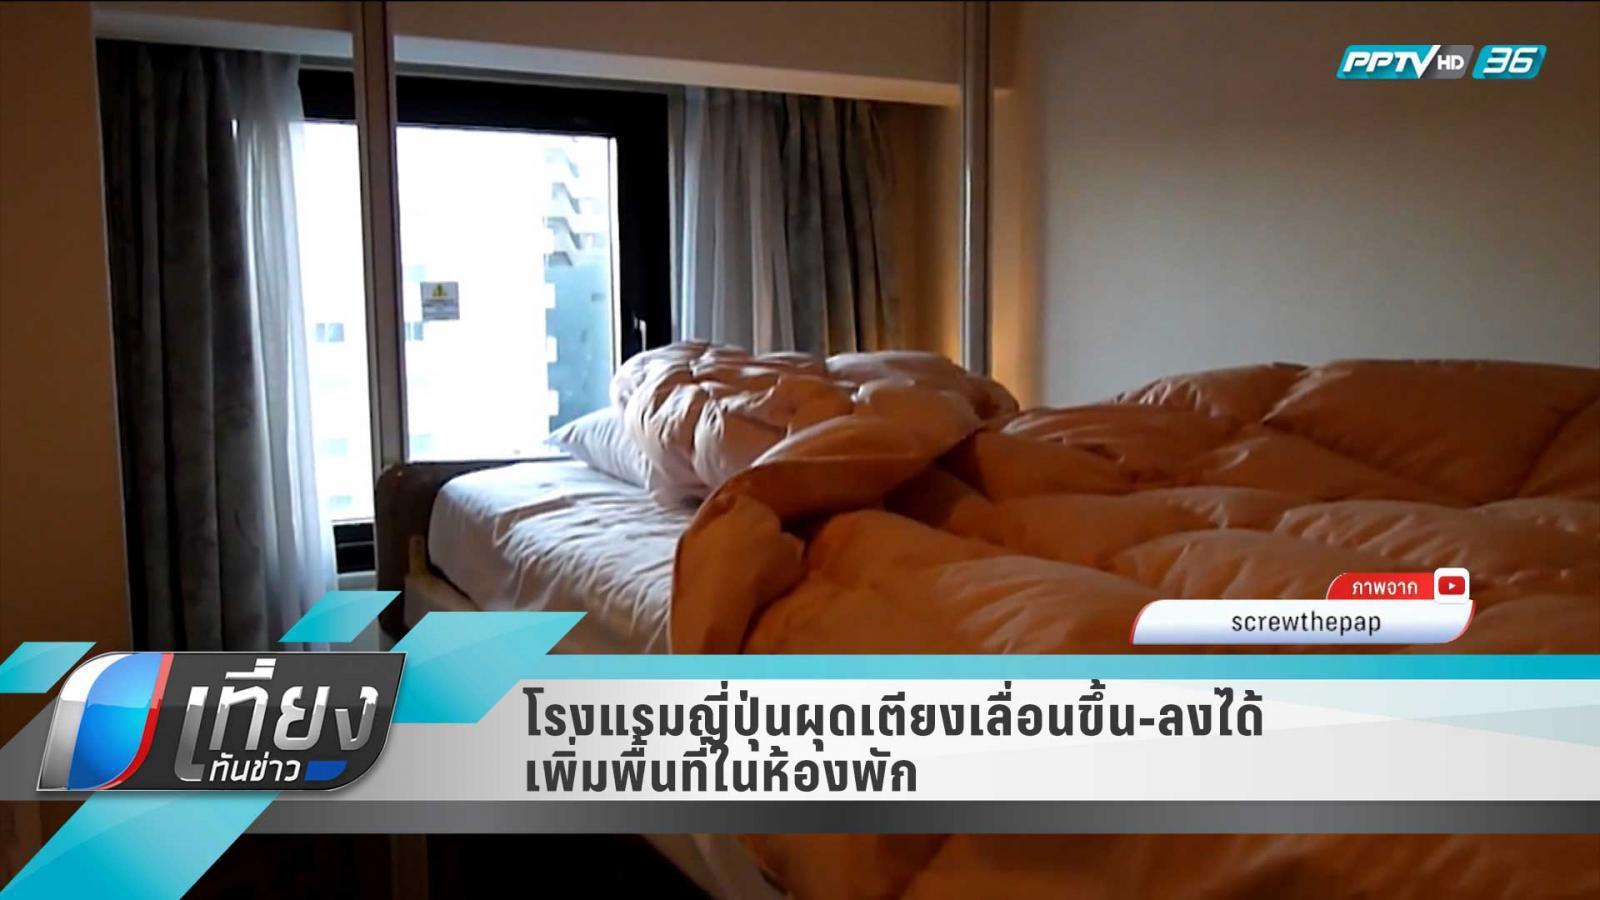 โรงแรมญี่ปุ่นผุดเตียงเลื่อนขึ้น-ลงได้ เพิ่มพื้นที่ในห้องพัก